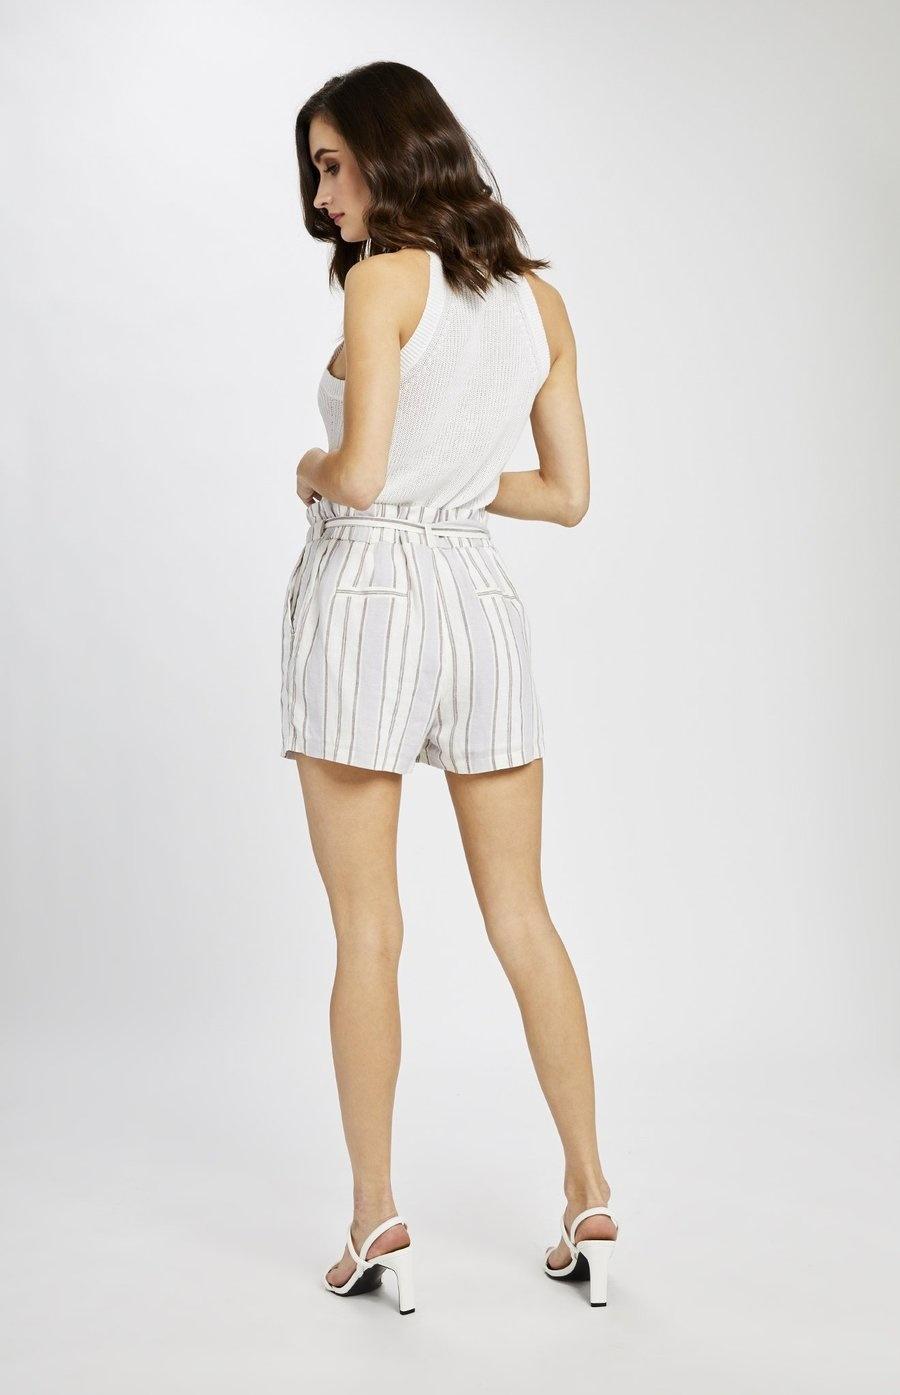 Gentlefawn Whiteleaf Shorts